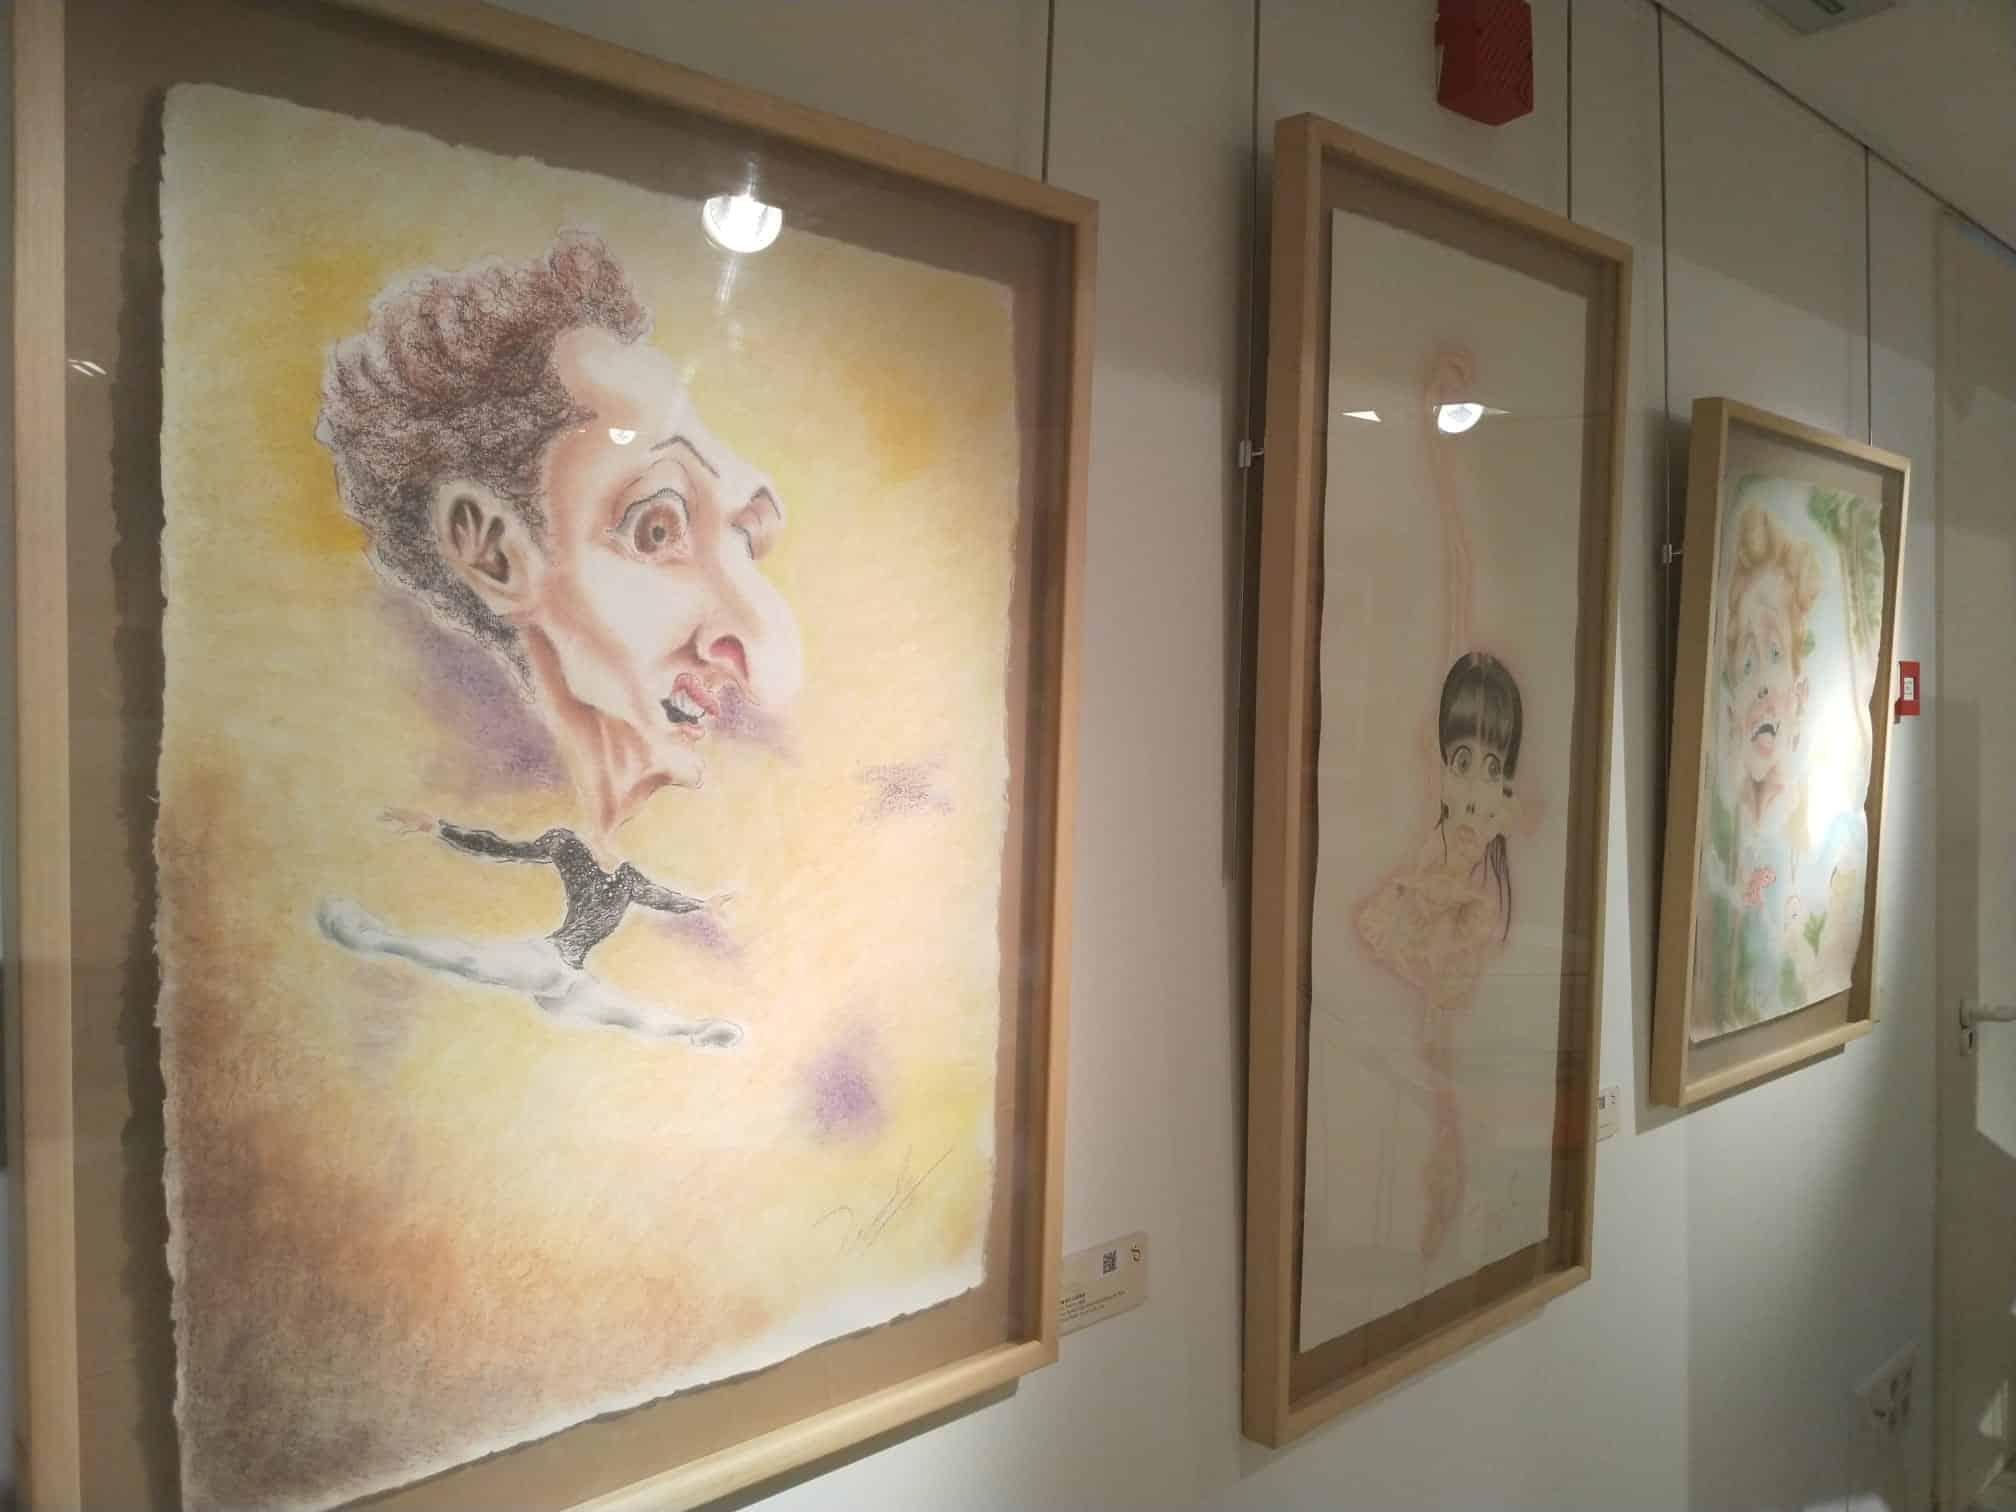 El Centro Fundación Caja Rioja-Bankia de Santo Domingo acoge una exposición de caricaturas de Fredy Rodríguez 1